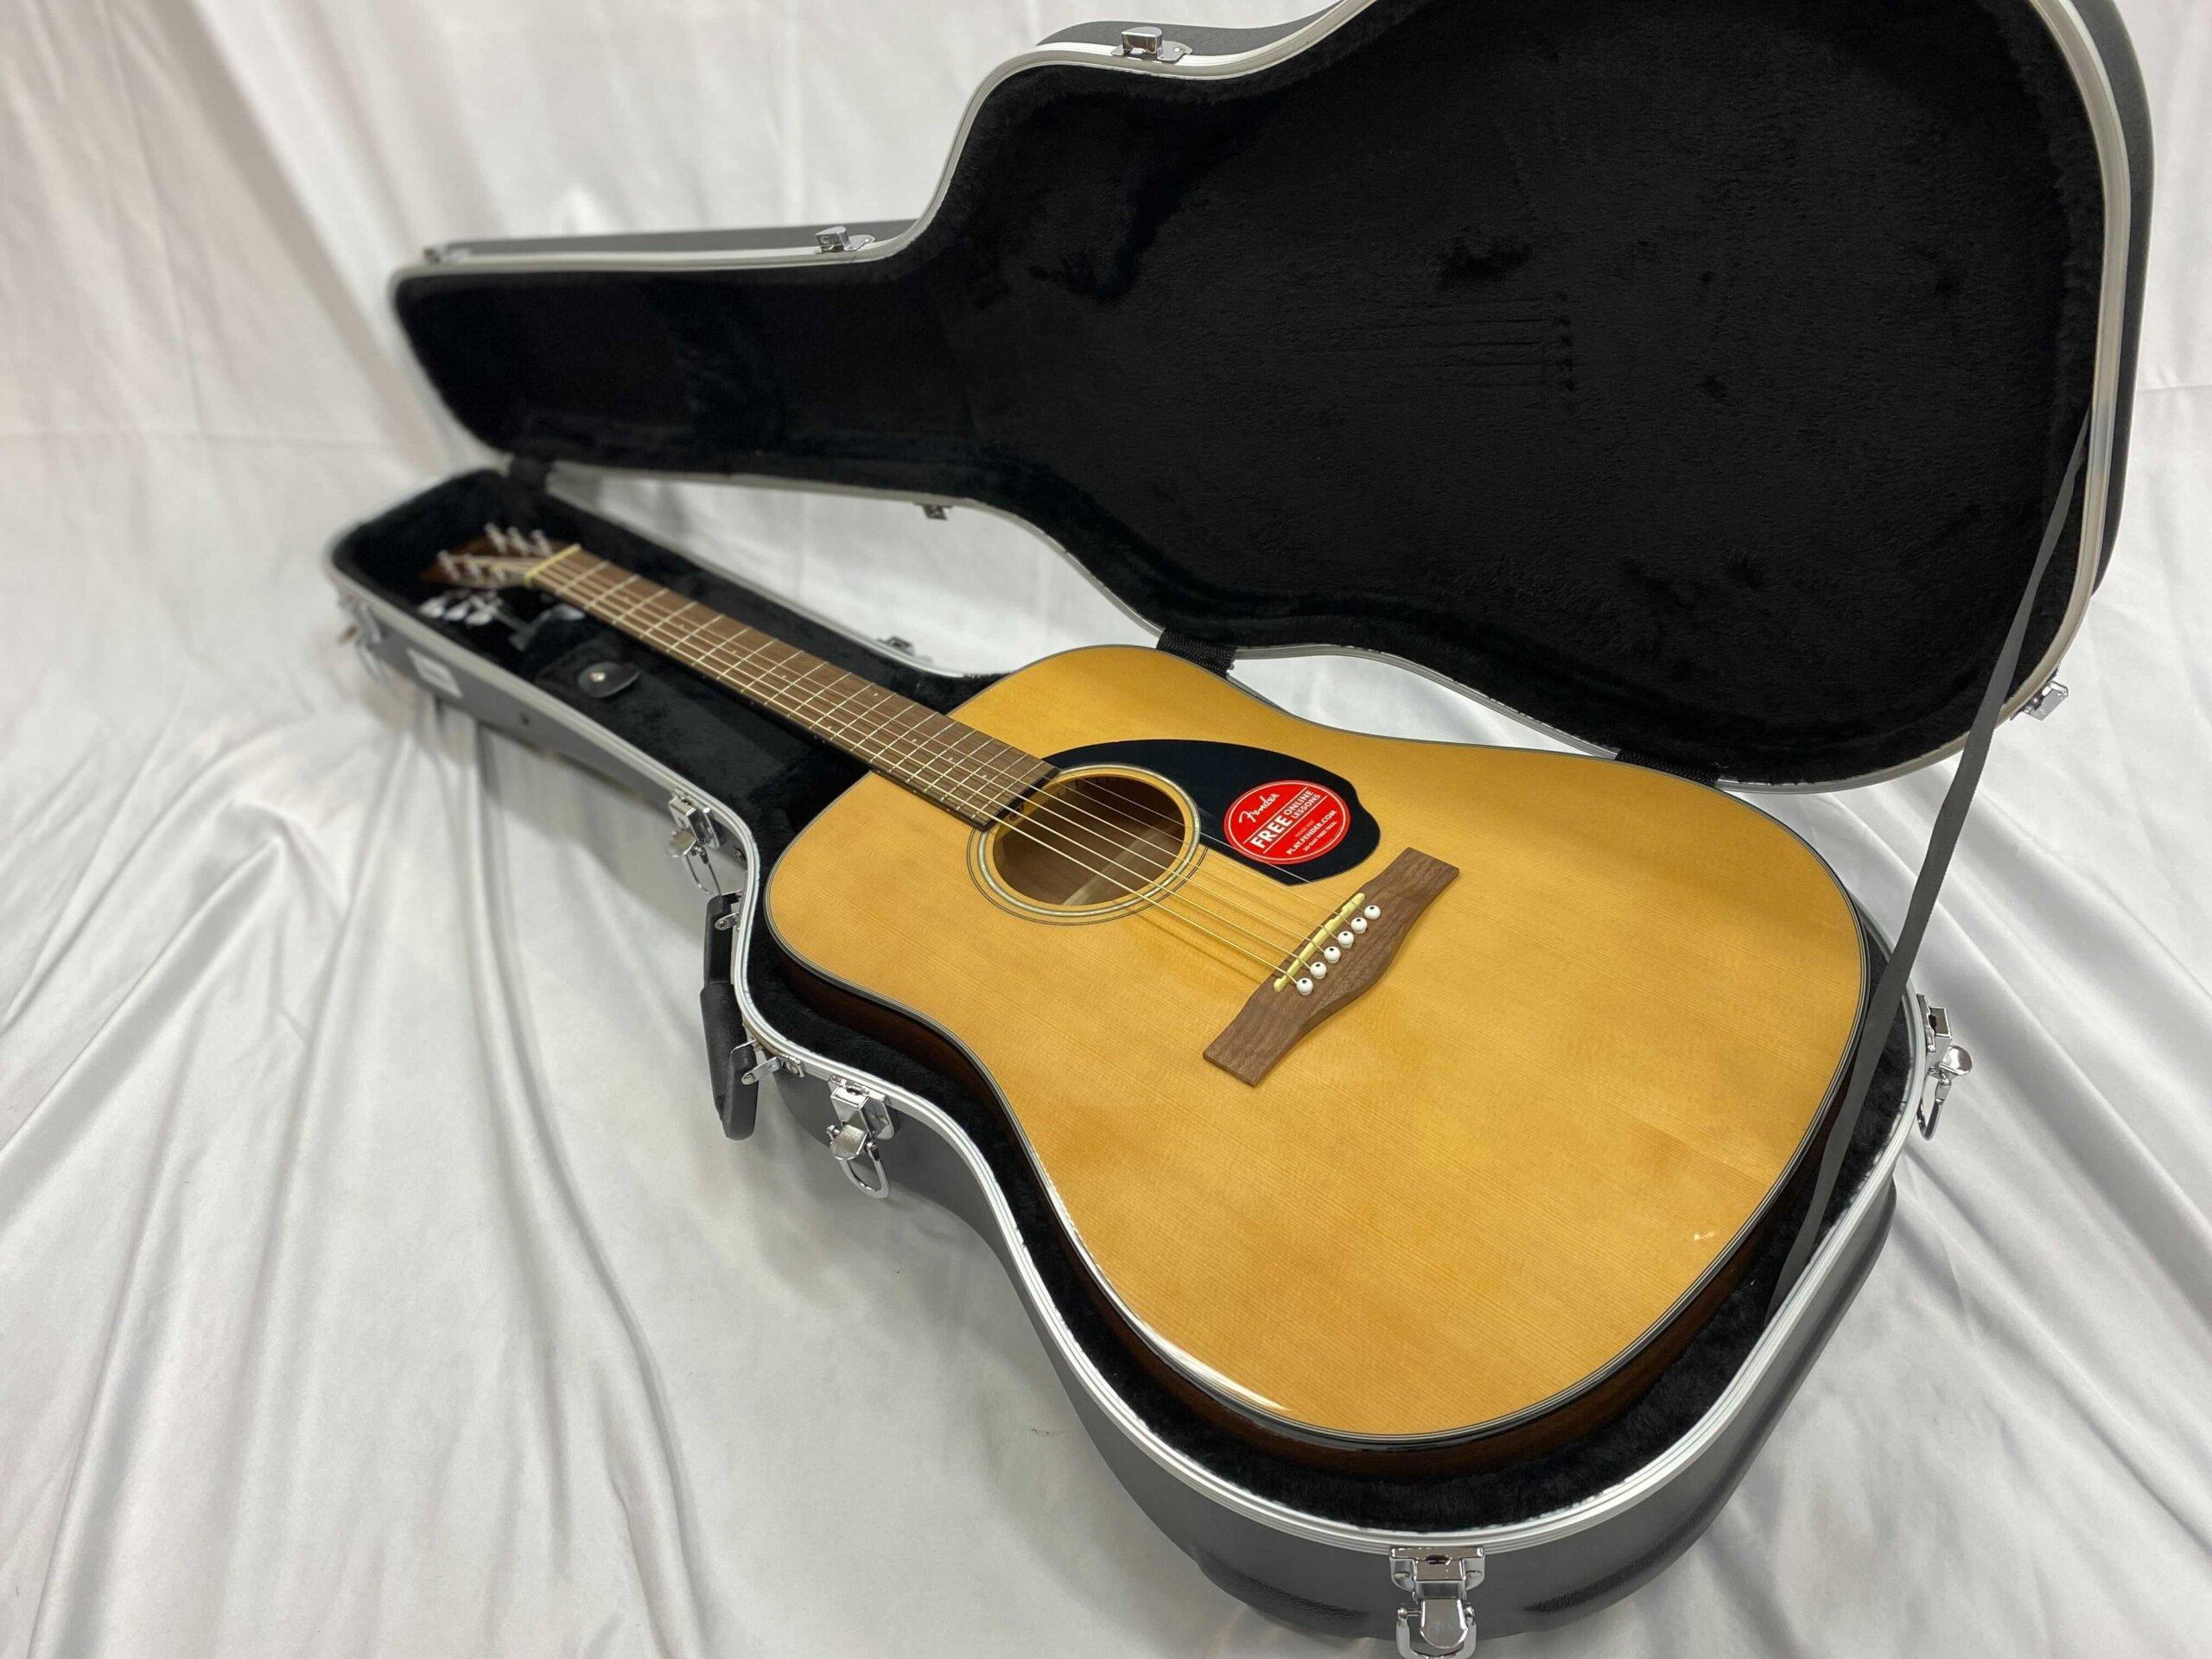 [初心者向け] はじめてのアコースティックギター講座。はじめに準備するものから弦の替え方まで!